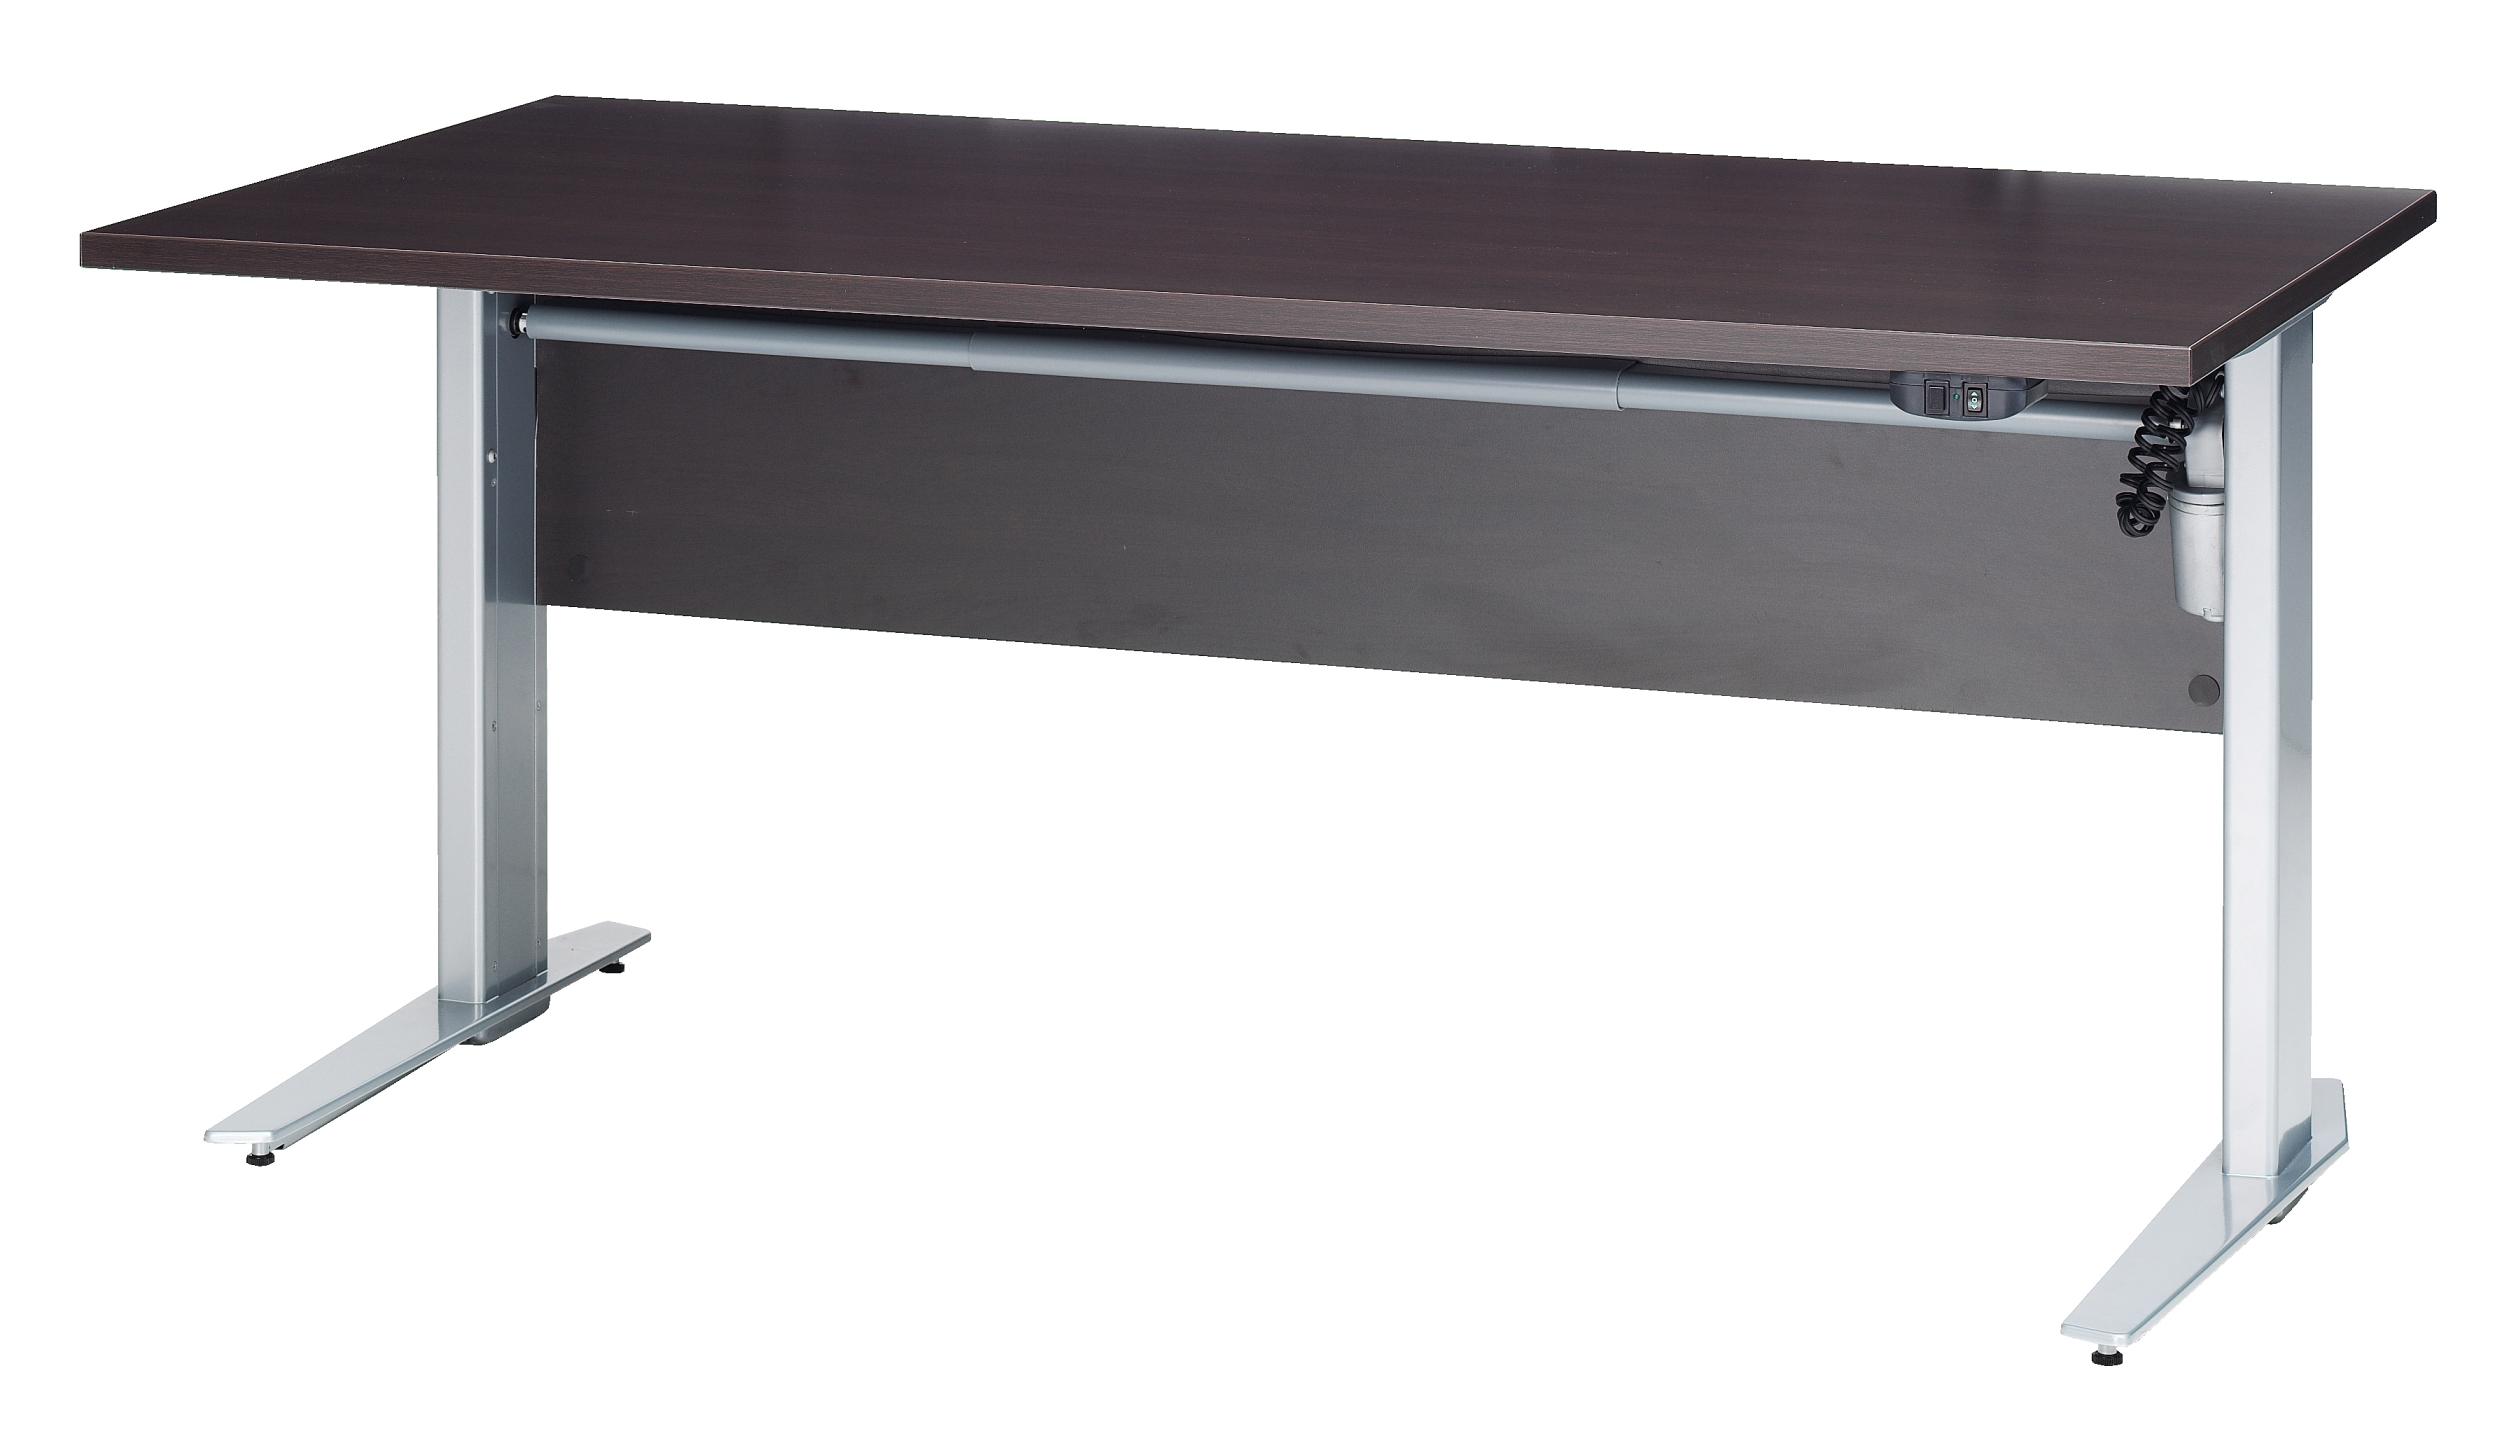 Schreibtisch 150cm h henverstellbar elektrisch motor for Schreibtisch dunkelbraun